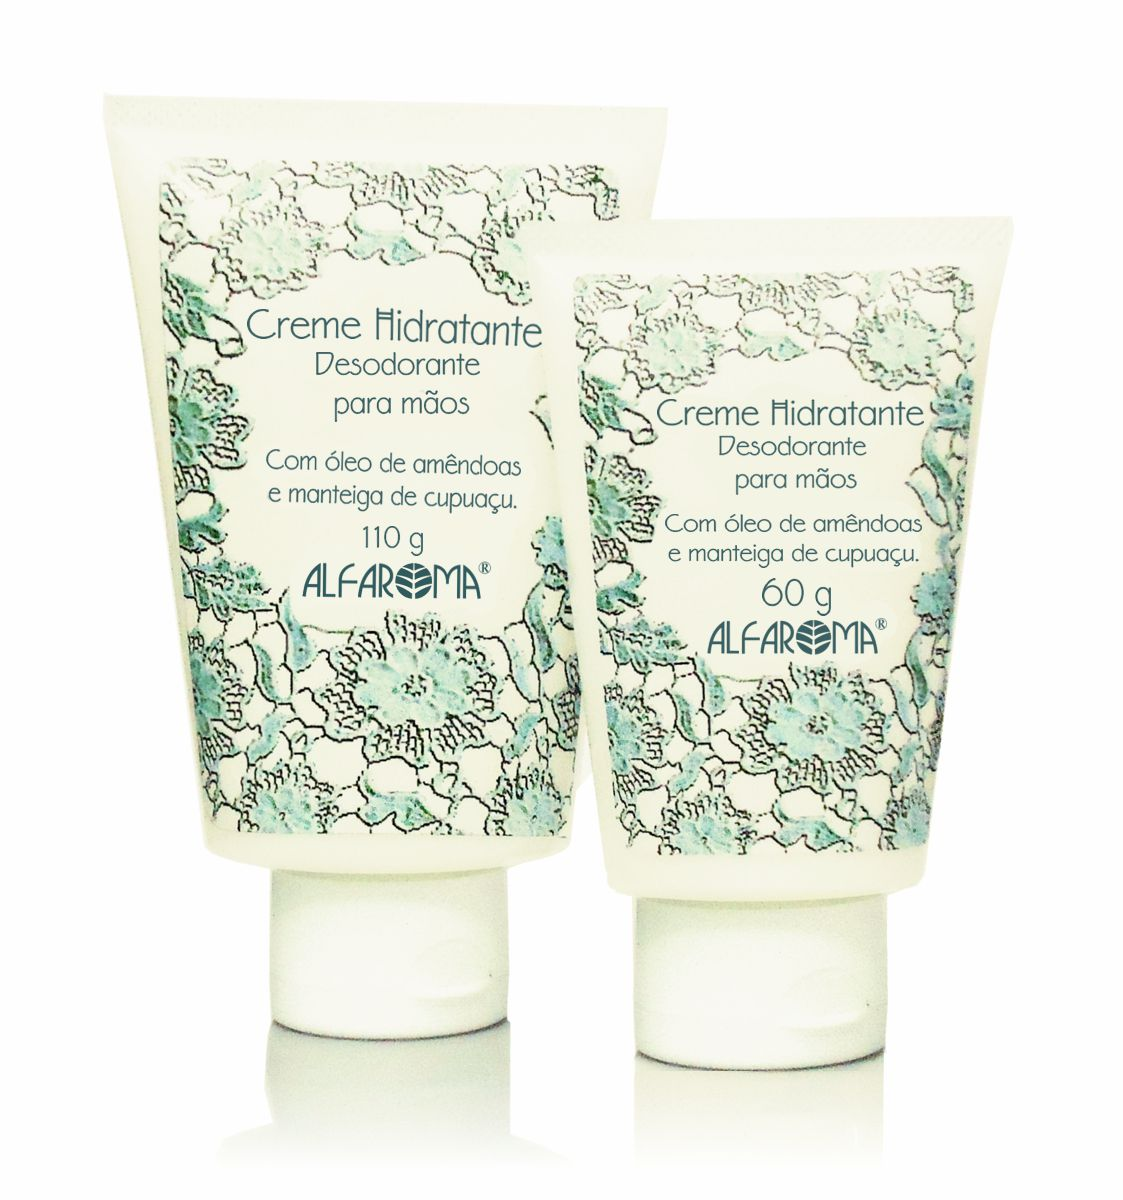 Creme Hidratante Desodorante para as Mãos Alfaroma